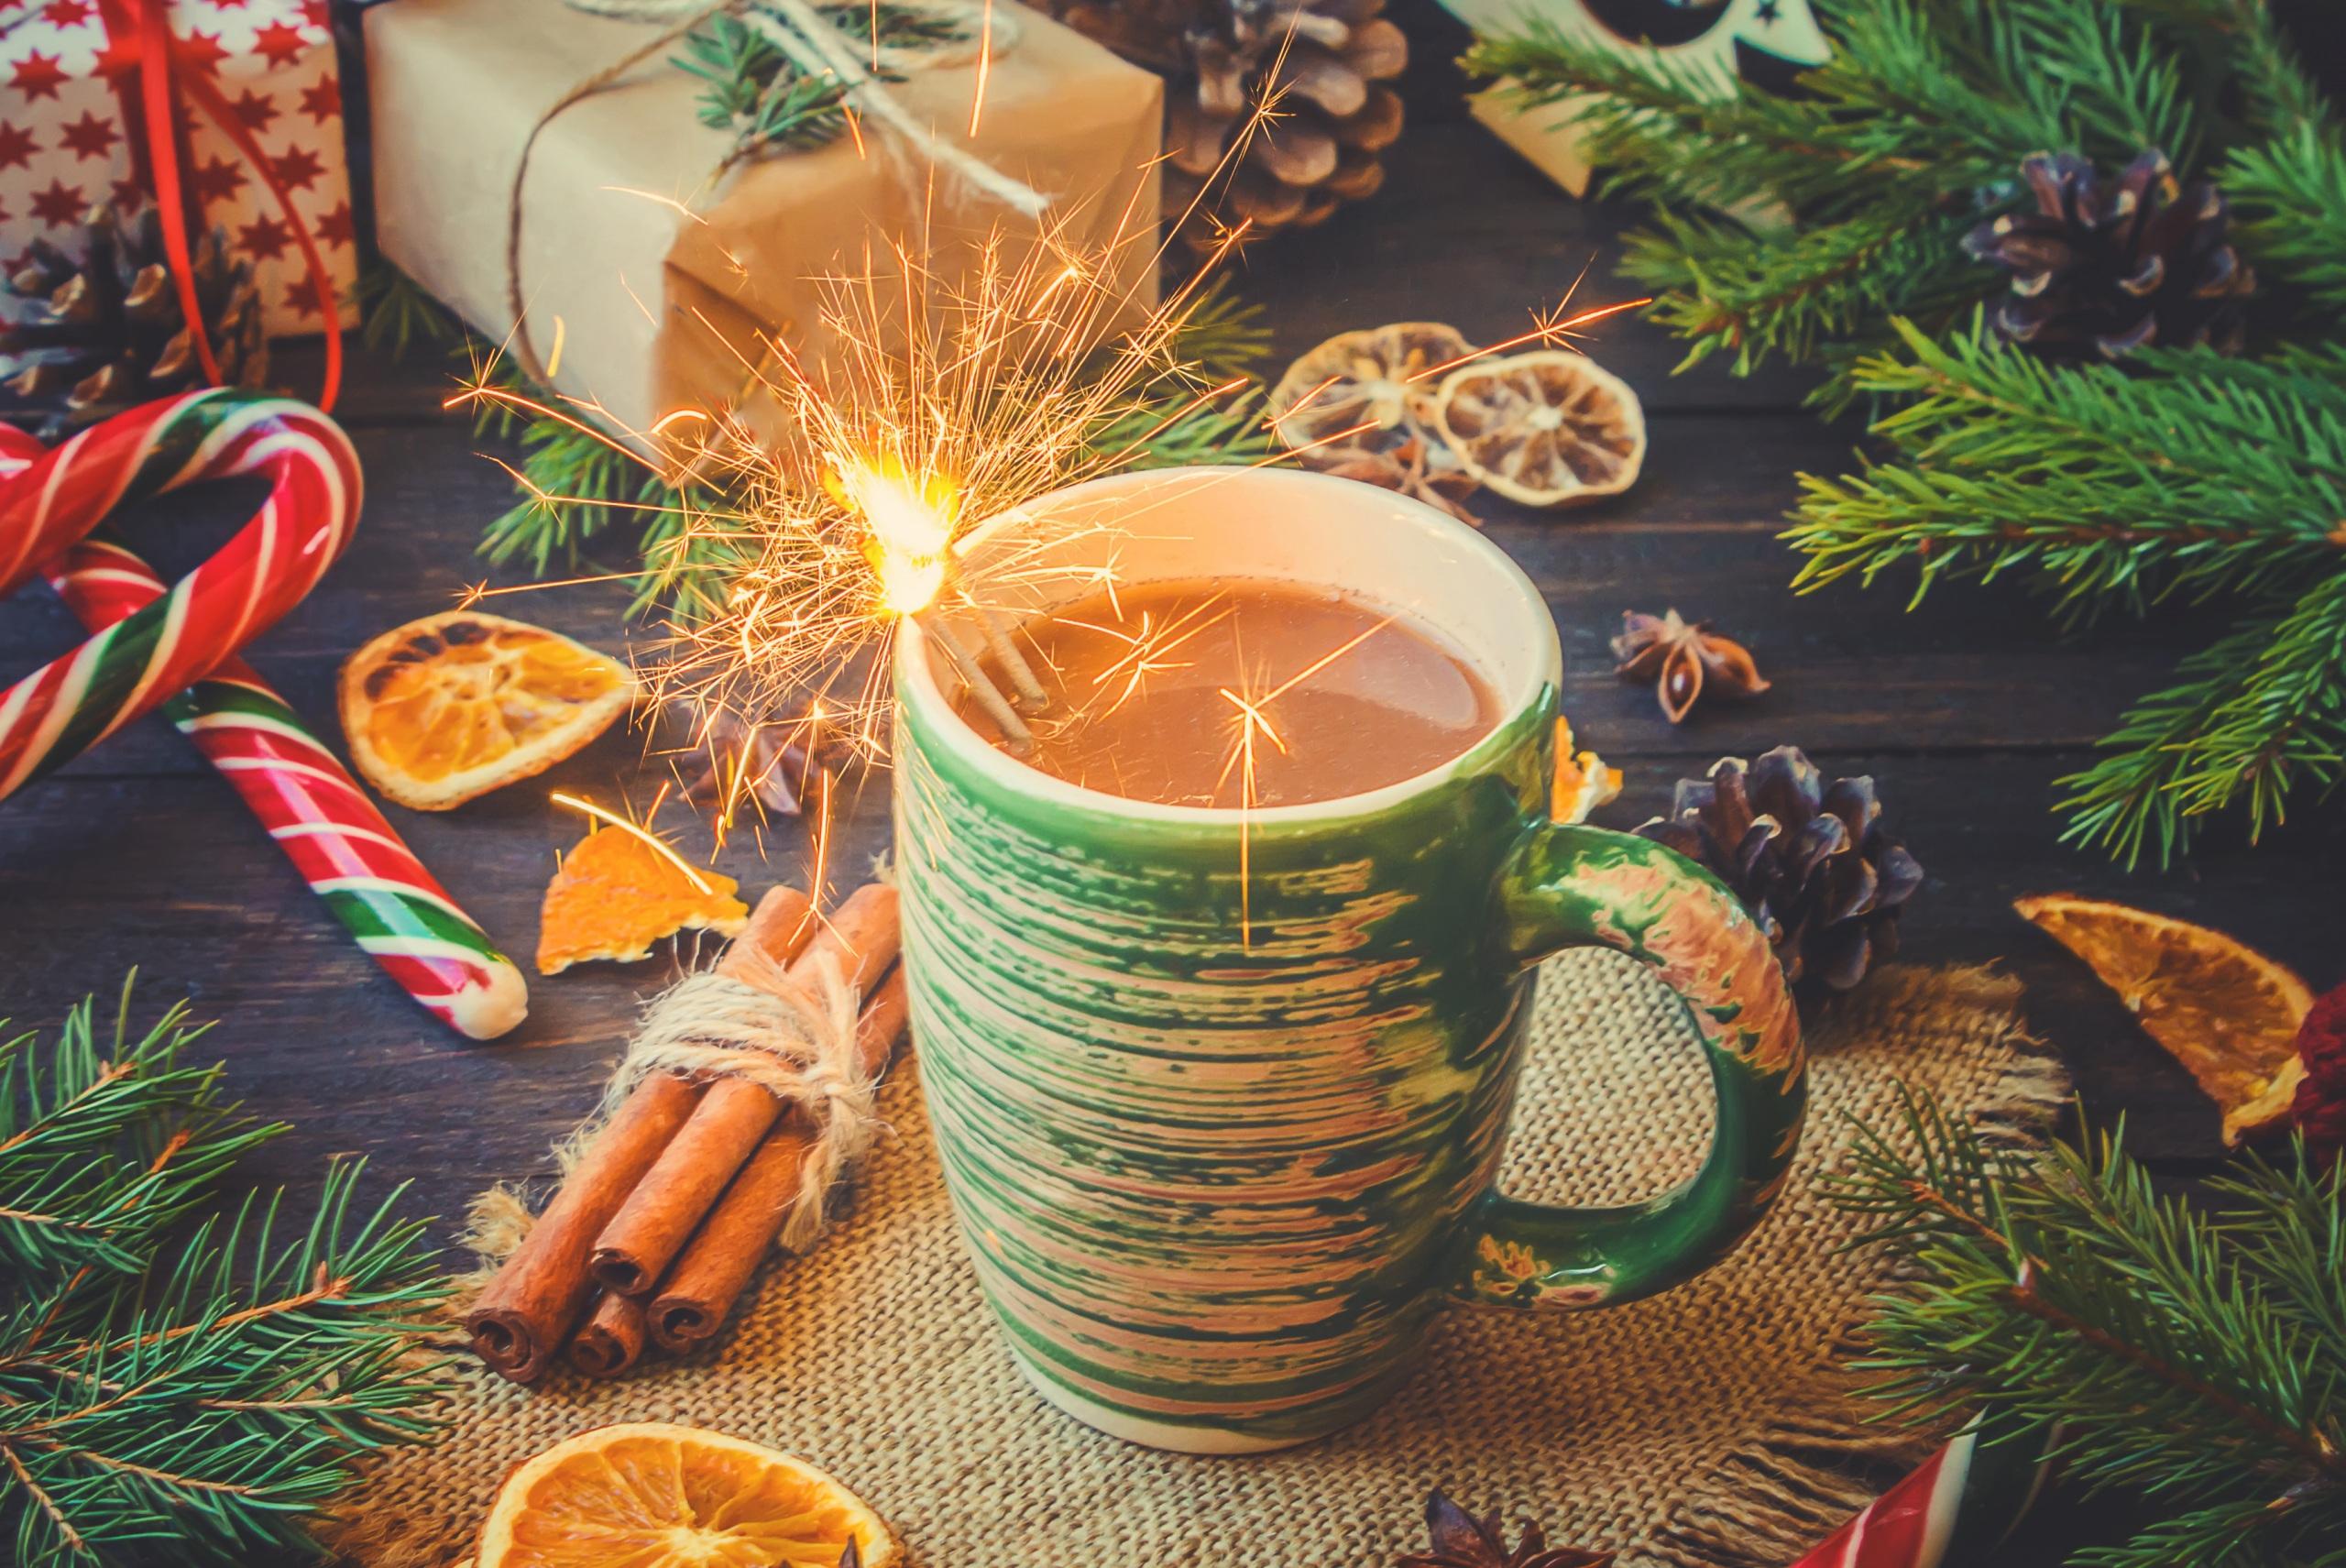 Фотография Новый год Бенгальские огни Какао напиток Корица Еда чашке сладкая еда 2560x1711 Рождество Горячий шоколад Пища Чашка Продукты питания Сладости